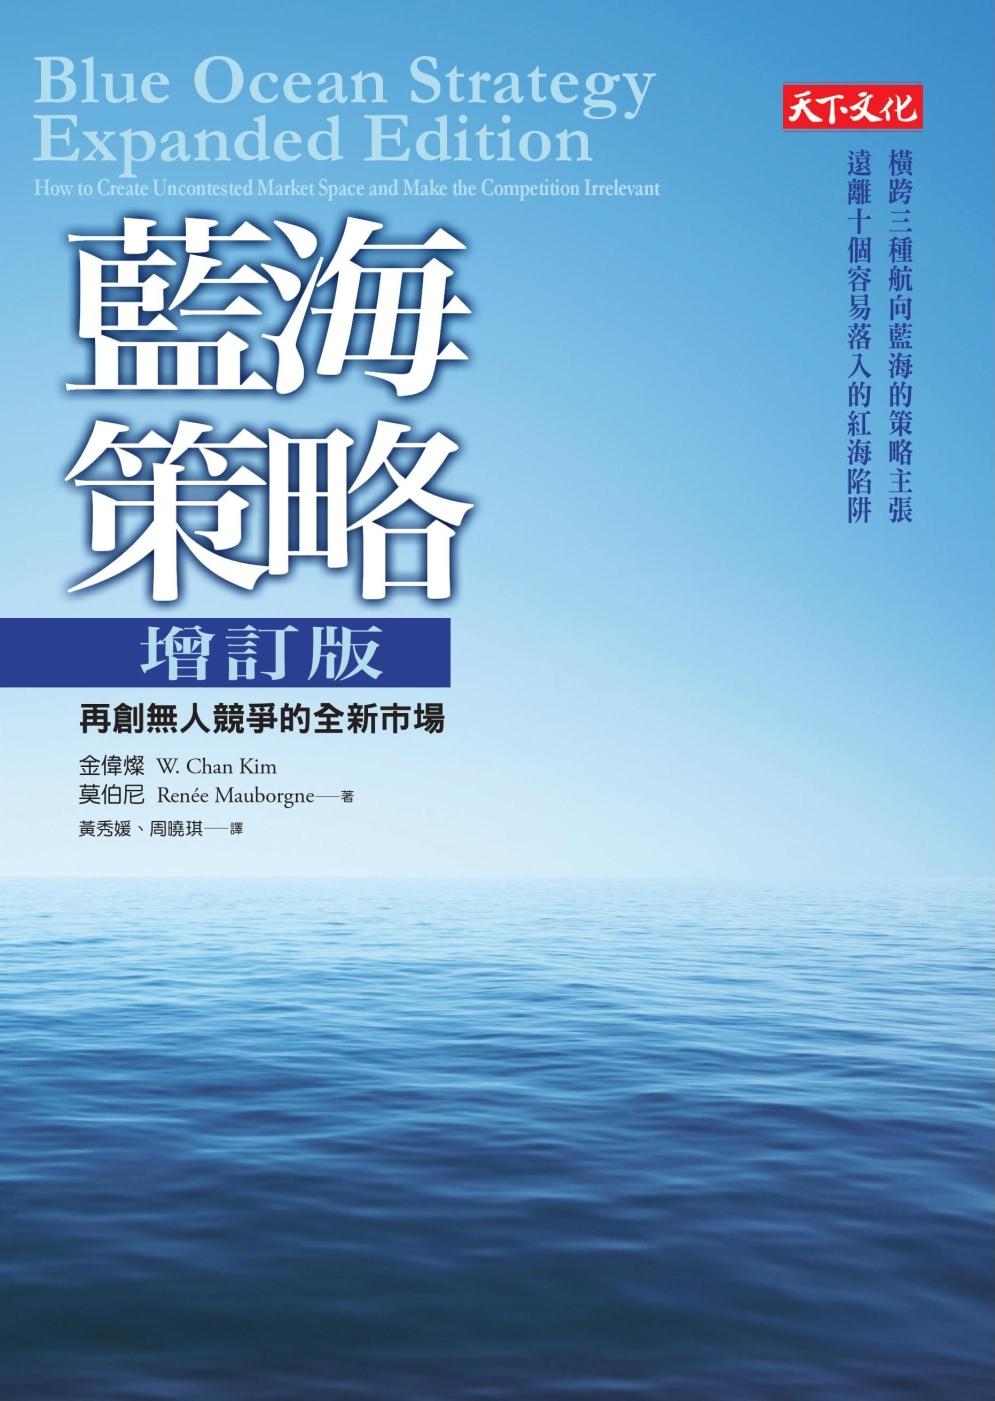 想创业?读读蓝海策略探索方向。